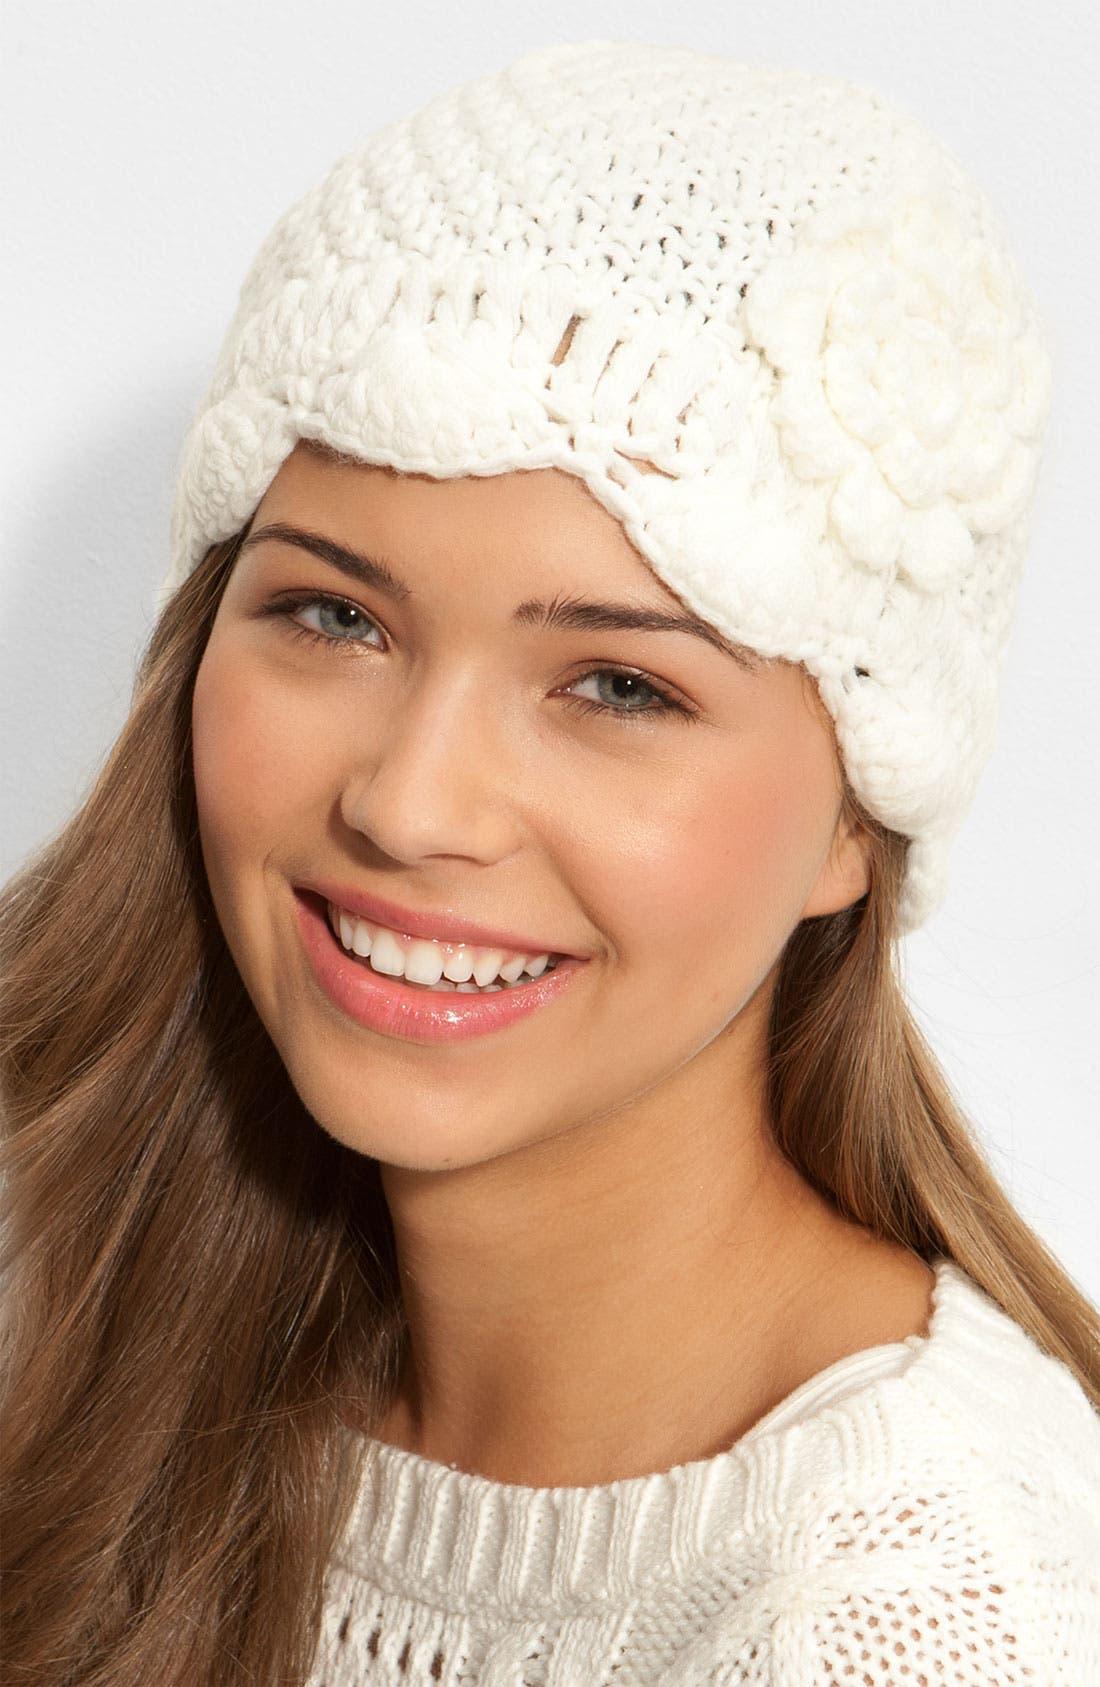 Alternate Image 1 Selected - FRENCHI CROCHET FLOWER HAT